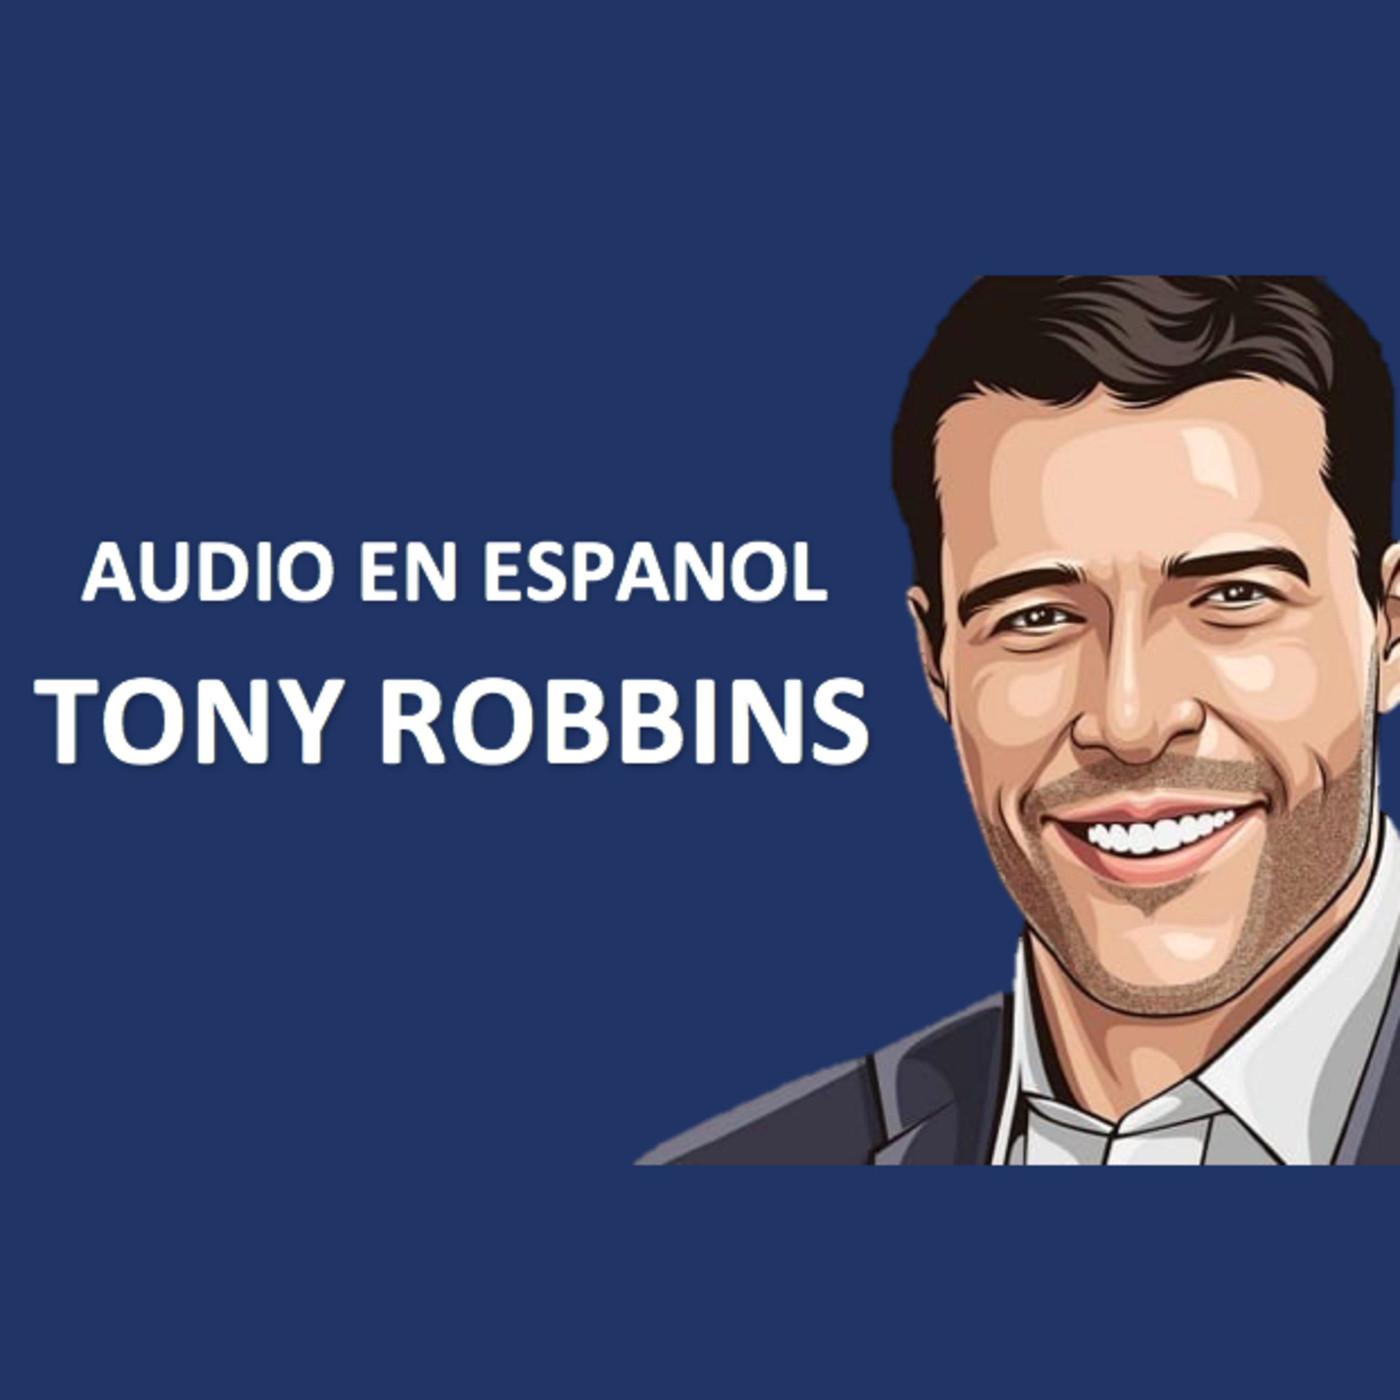 Audio en Español Tony Robbins